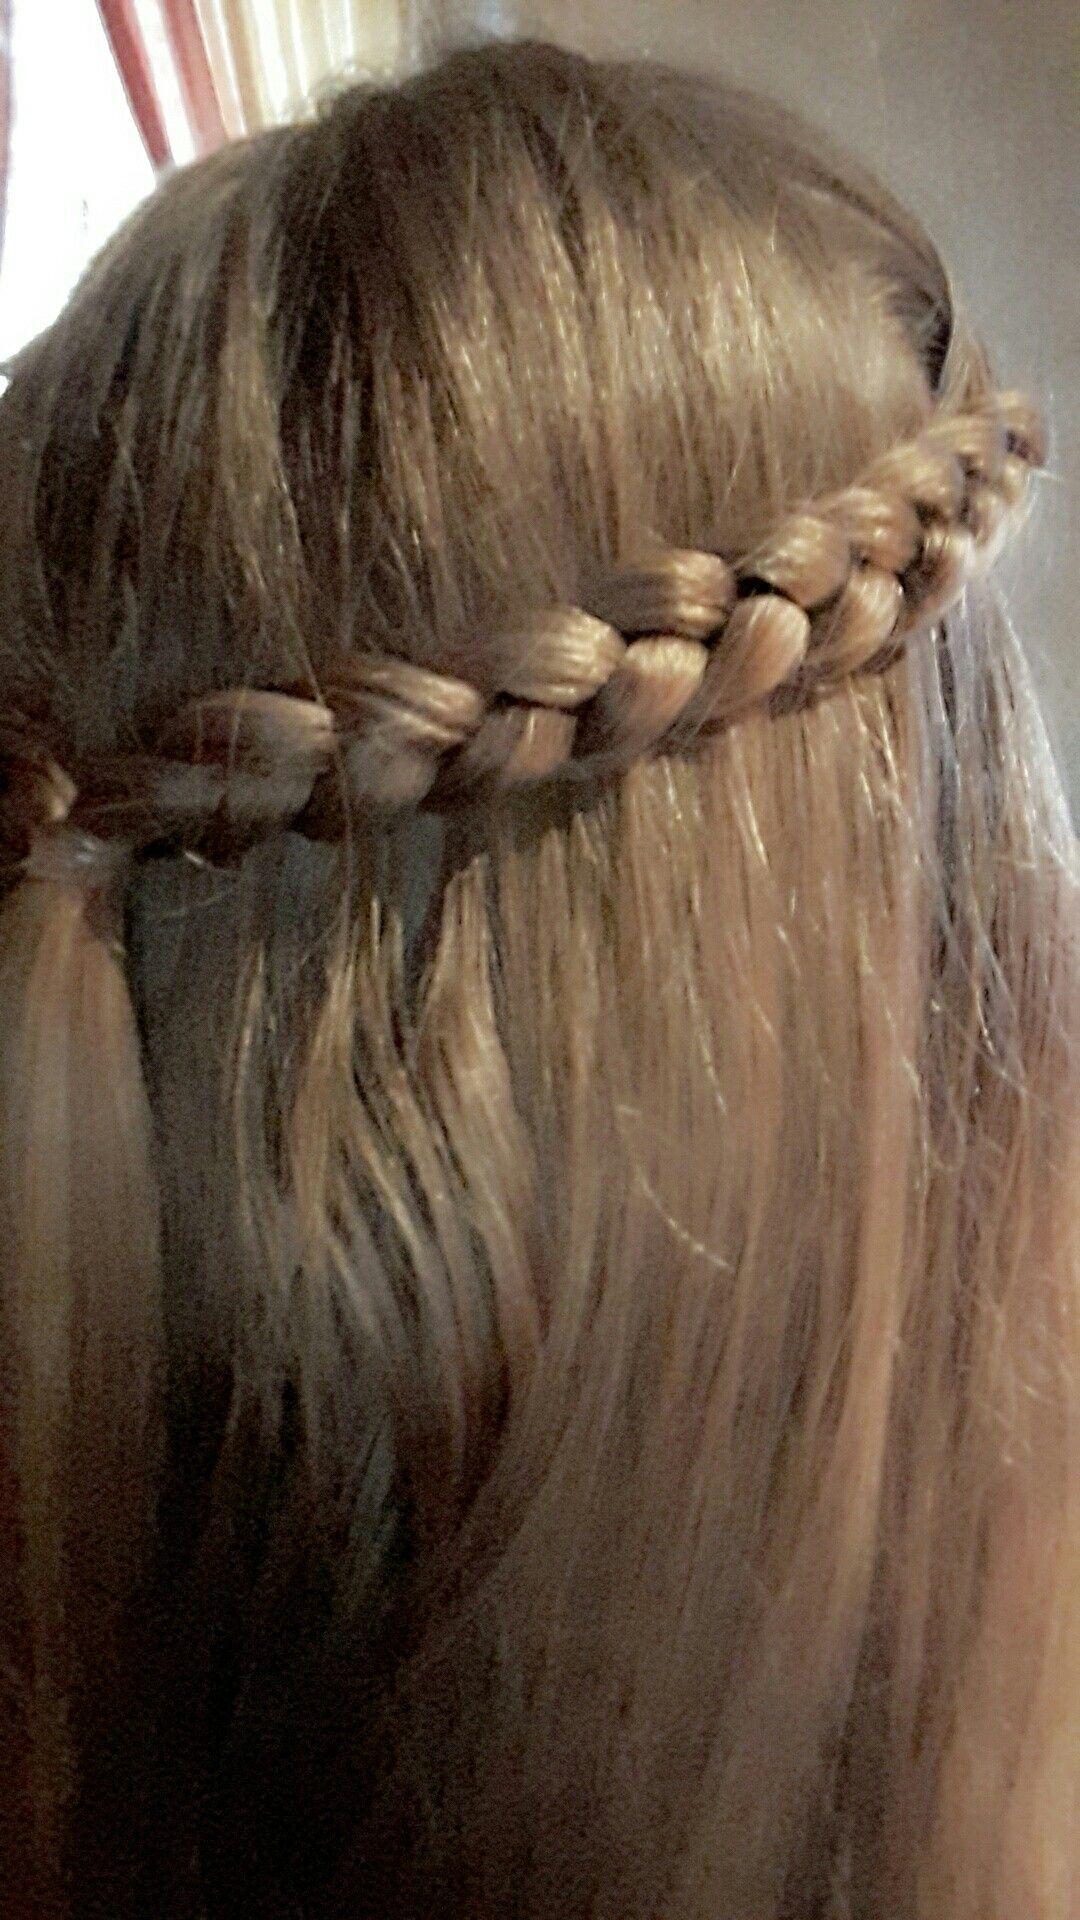 2 Hollöndische Zöpfe Nach Hinten Geflochten Und Mit Einem Haargummi